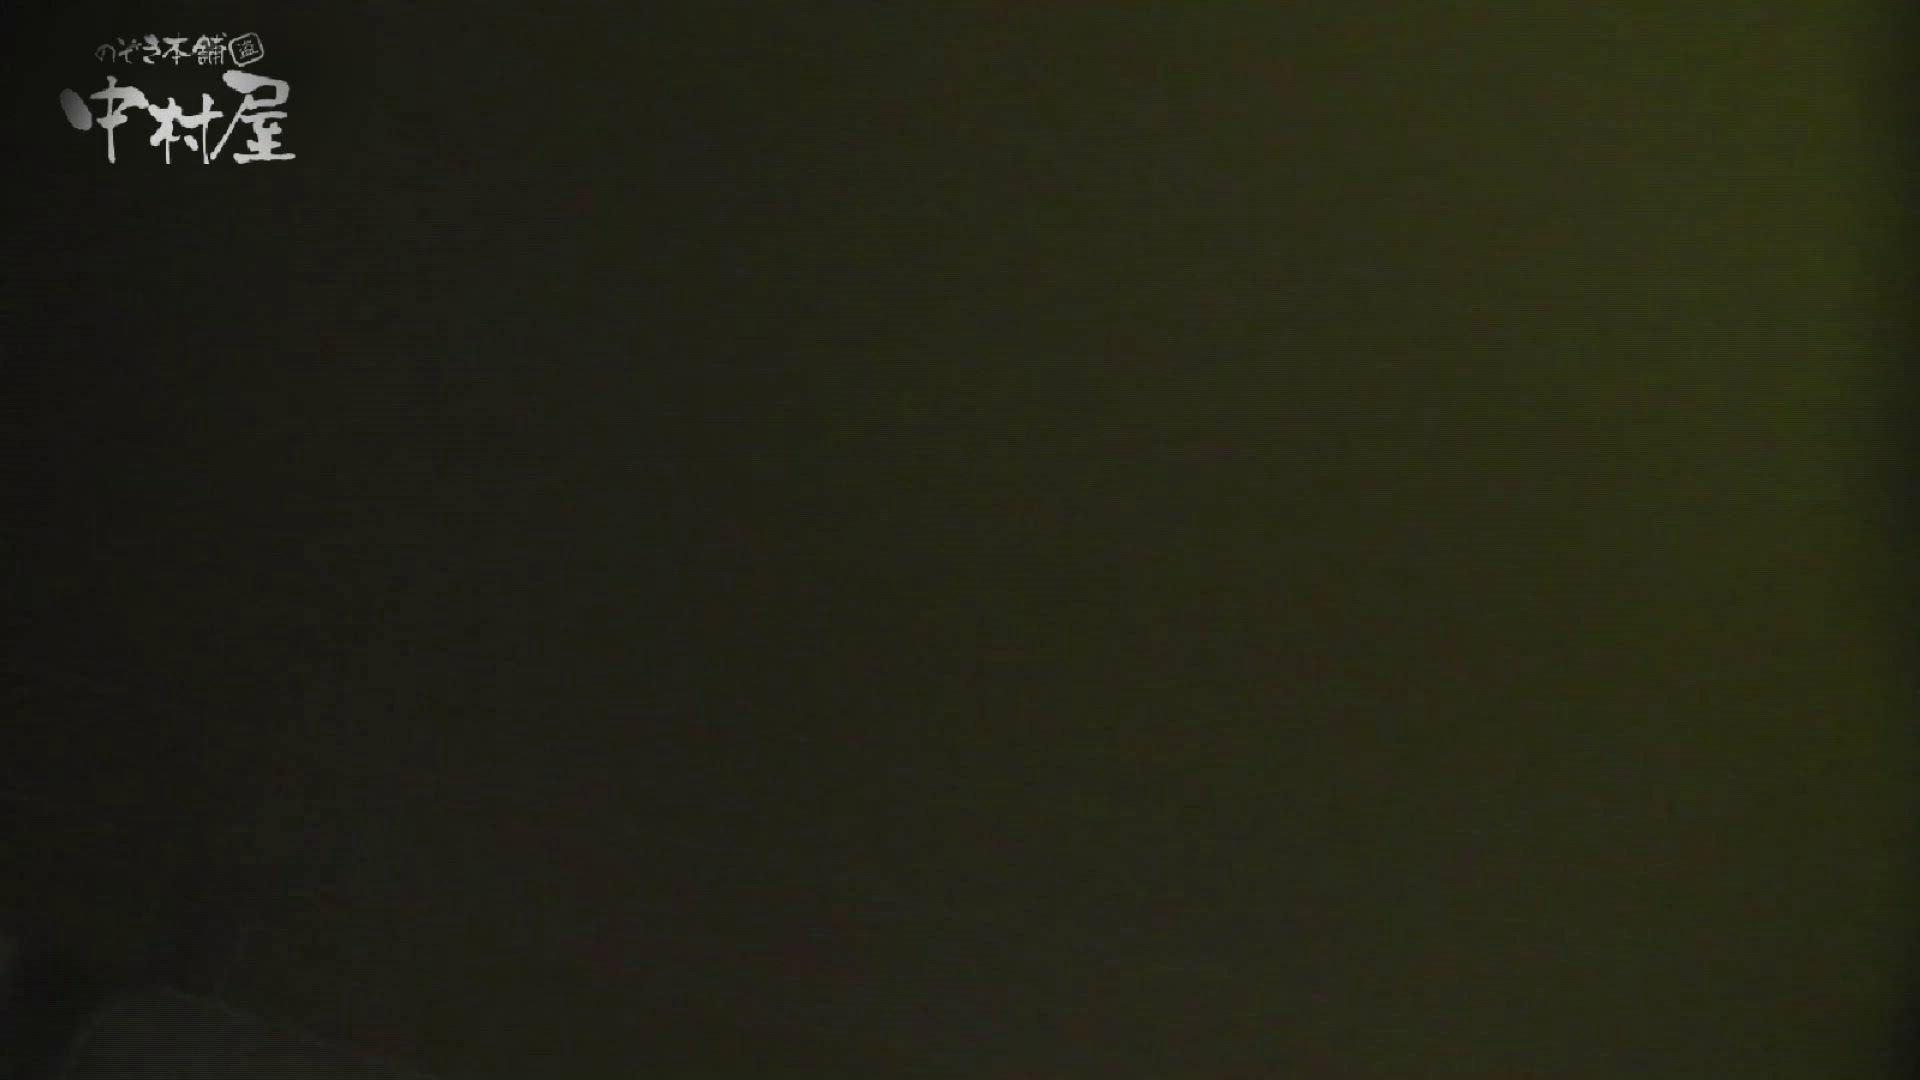 ▲期間限定D▲第三体育館潜入撮File035 アングル調整、場所変更!違った味の物が誕生 前編 乙女ヌード天国 オメコ動画キャプチャ 108PIX 60